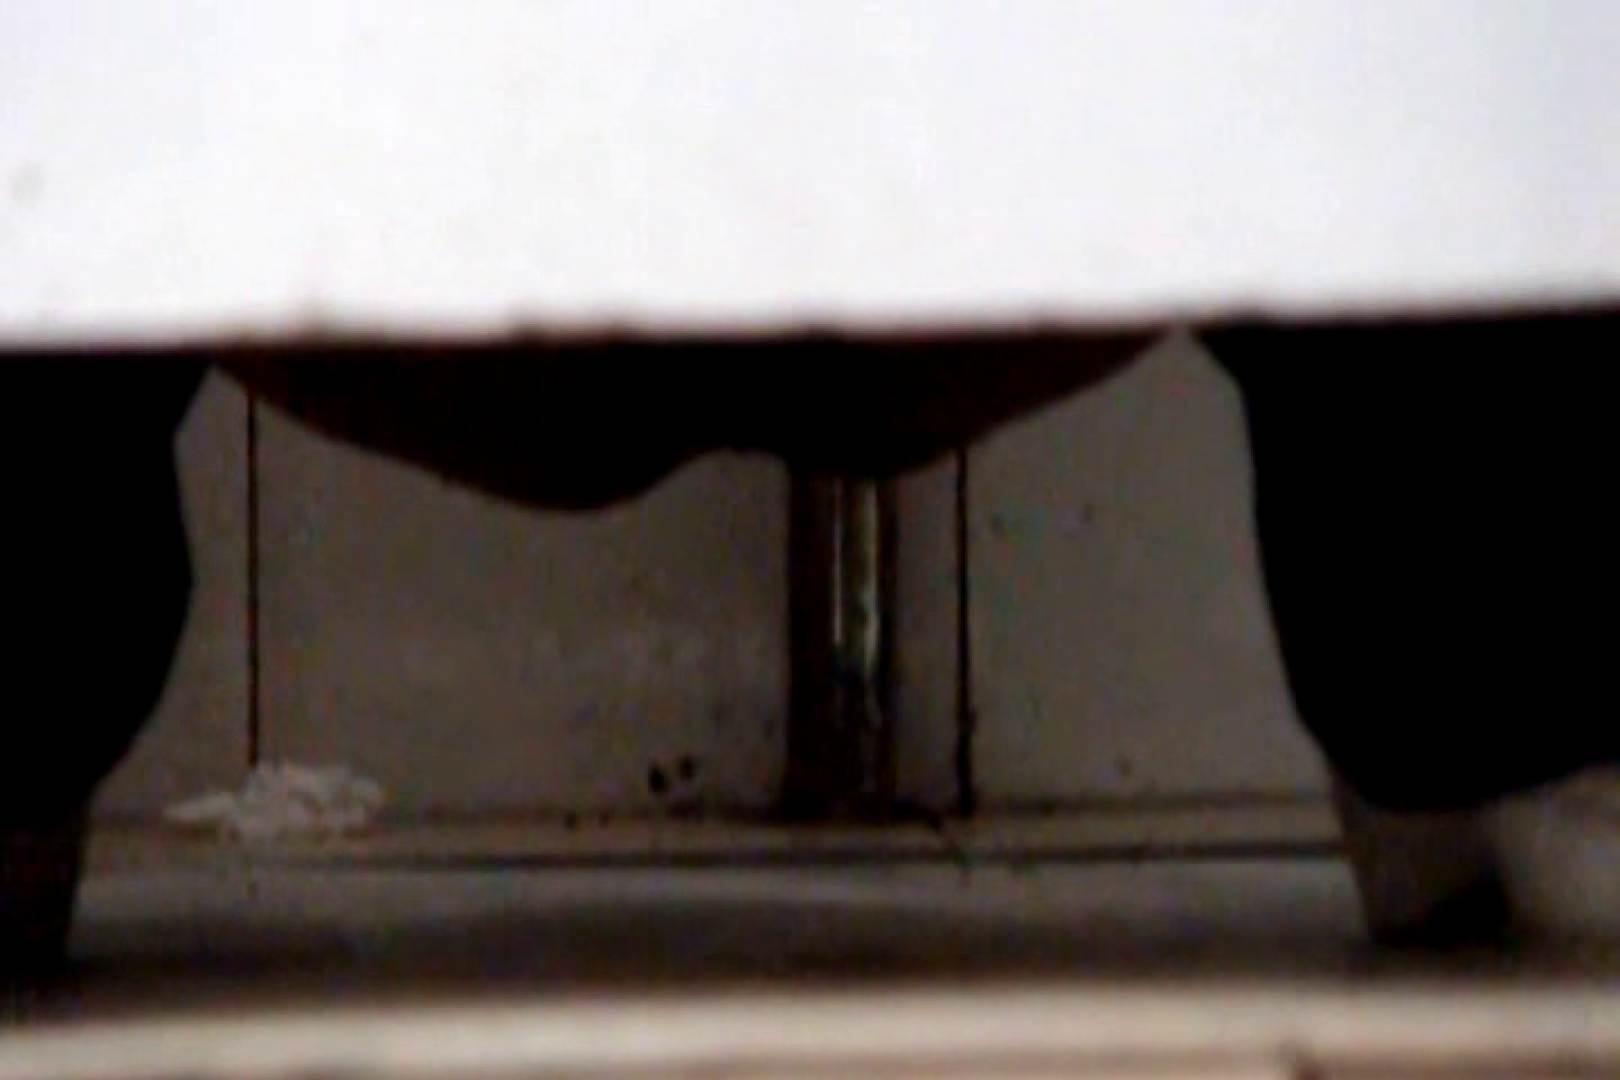 ぼっとん洗面所スペシャルVol.5 OLセックス | おまんこ無修正  82画像 40